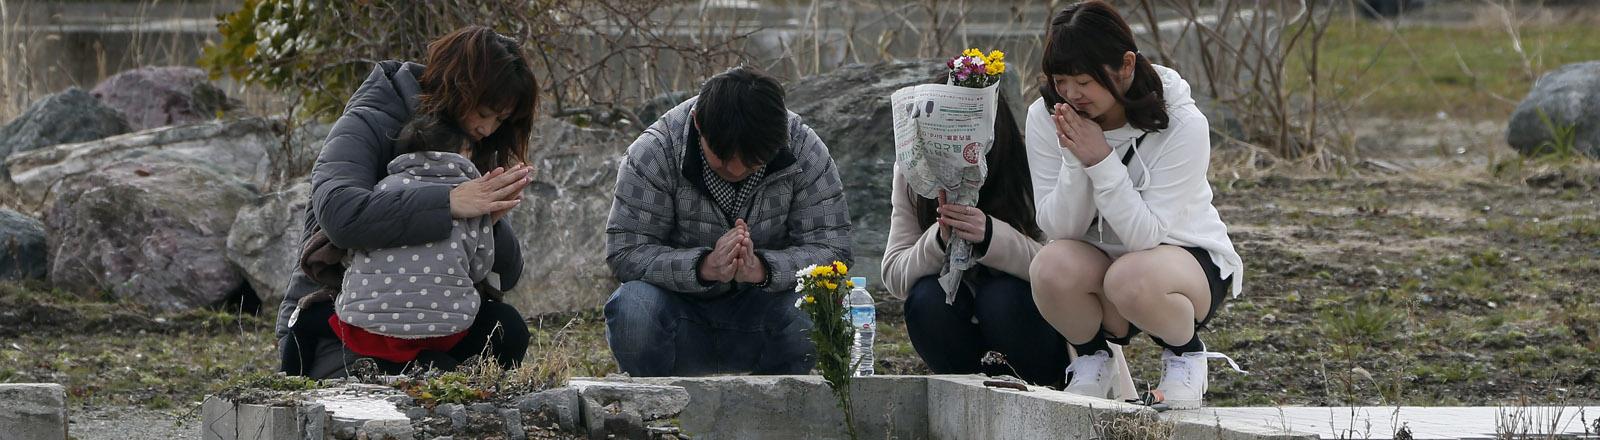 Drei Frauen trauern in unmittelbarer Nähe des Reaktors Fukushima um Angehörige.